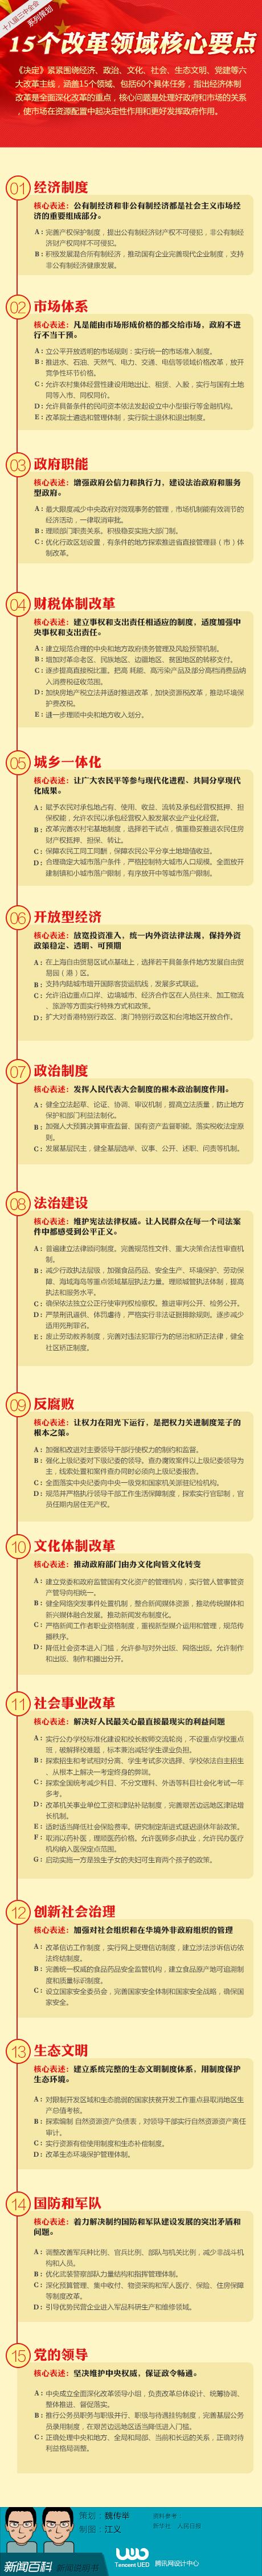 十八届三中全会15个改革领域核心要点 - 逍遥客 - 逍遥客